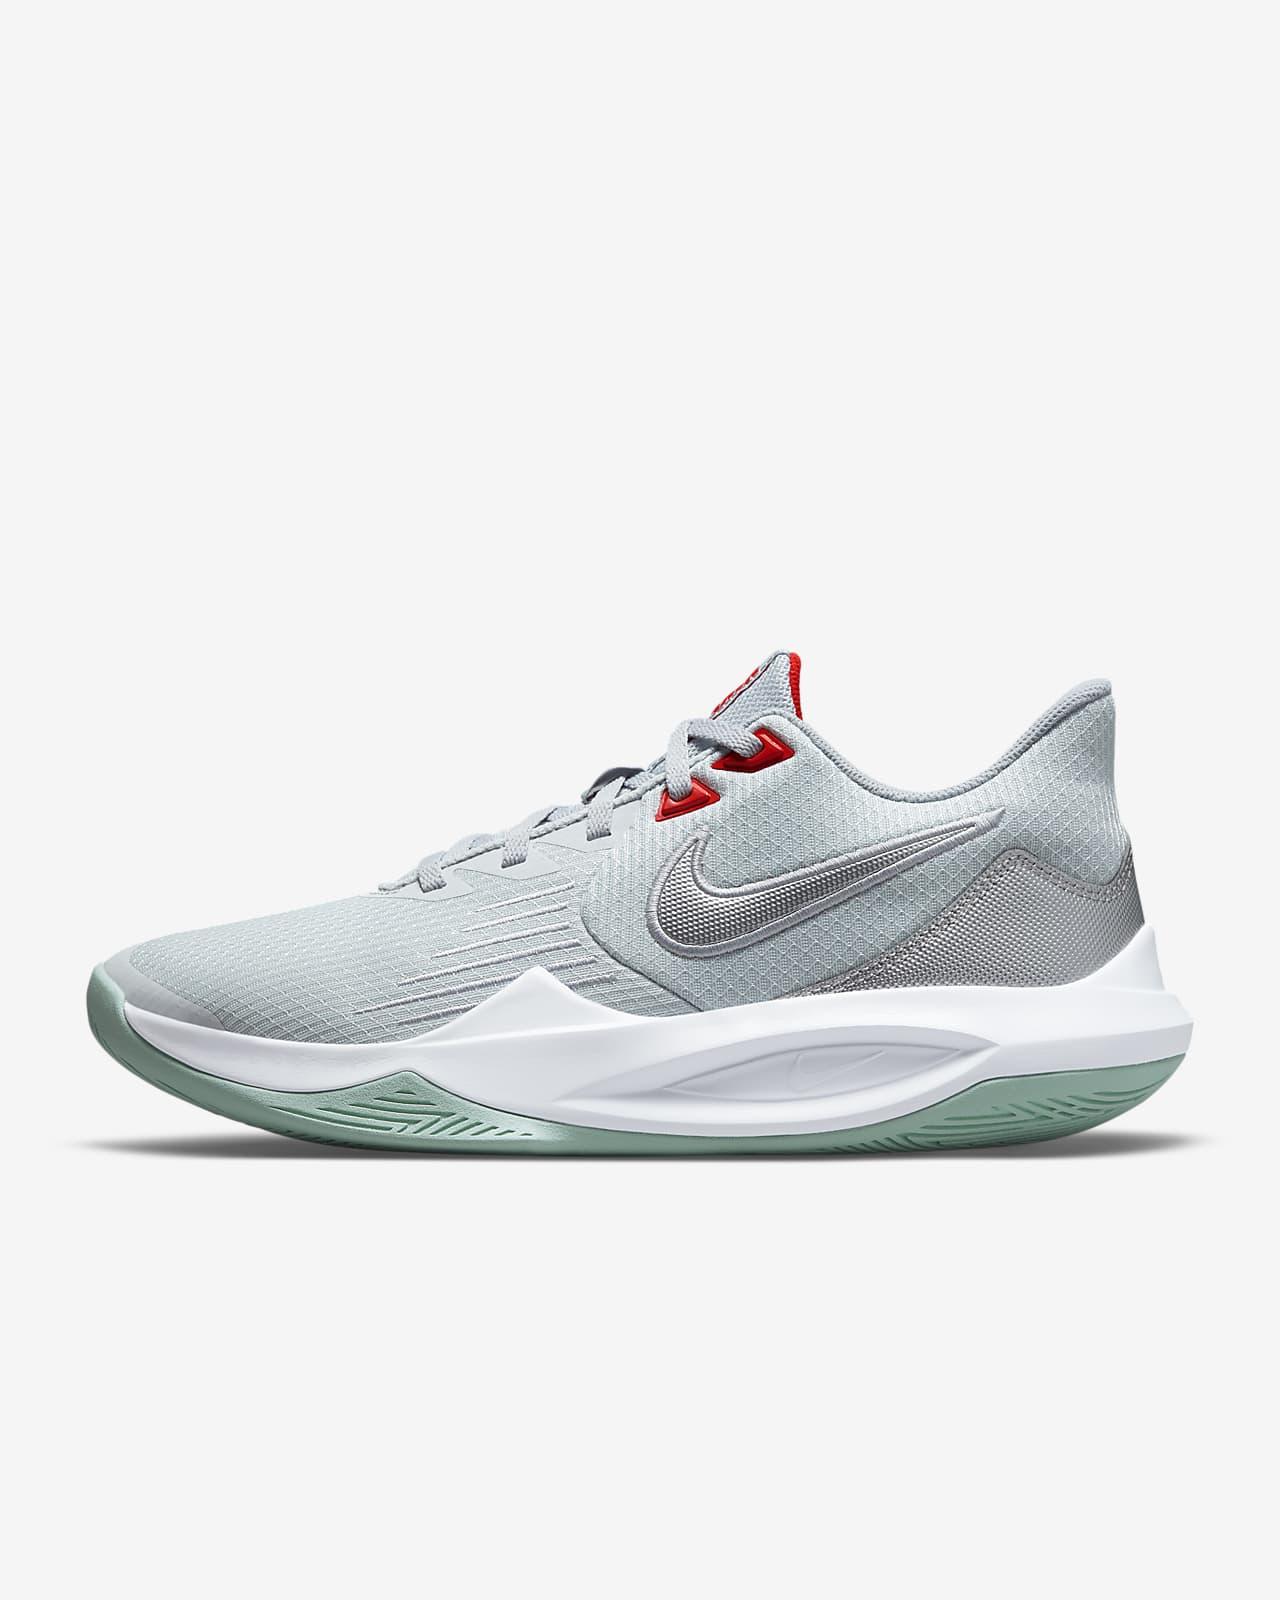 รองเท้าบาสเก็ตบอล Nike Precision 5